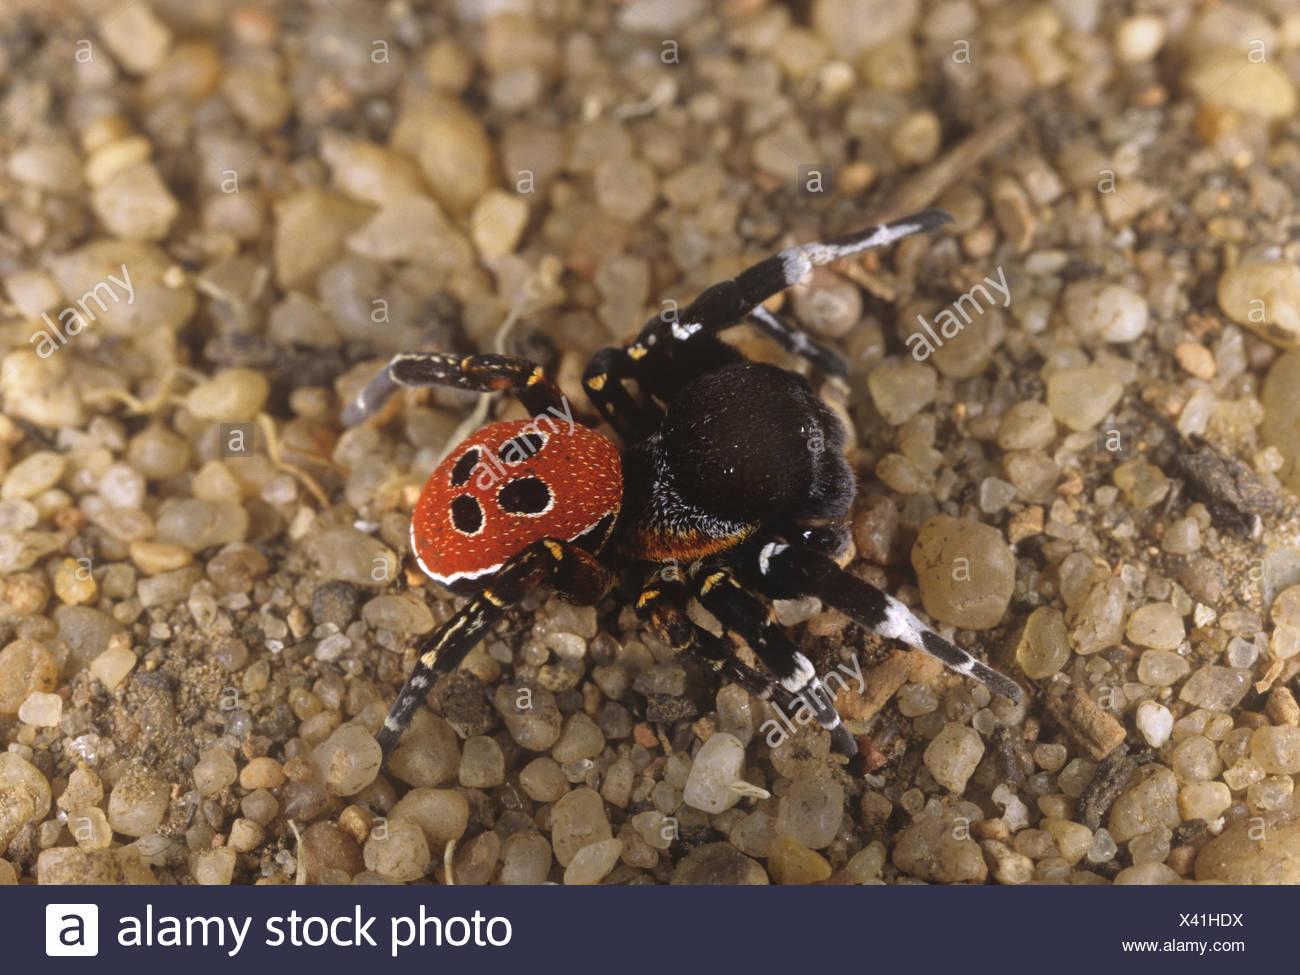 Ladybird Spider - Eresus niger - Stock Image